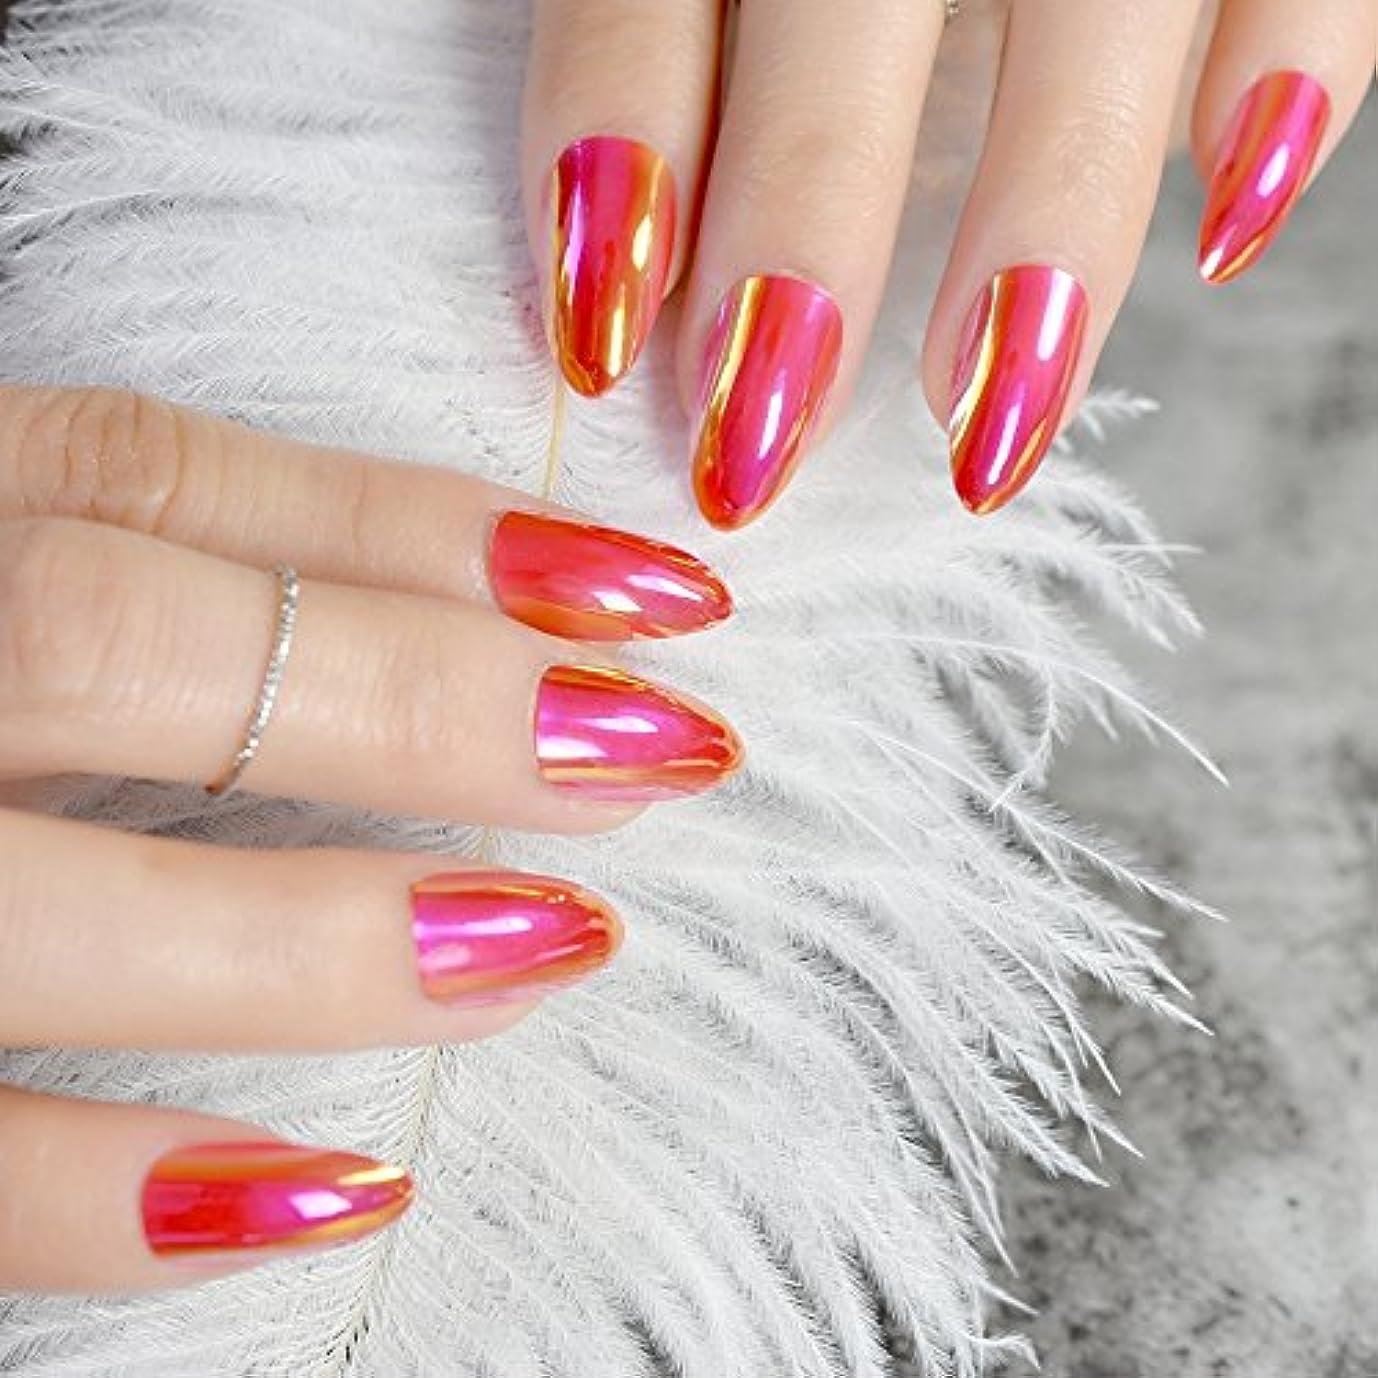 スポットヒロイックぼかしXUTXZKA 女性の指のための爪のマニキュアのヒントにブラックカバーネイルシルバーメタリックライン装飾短押し